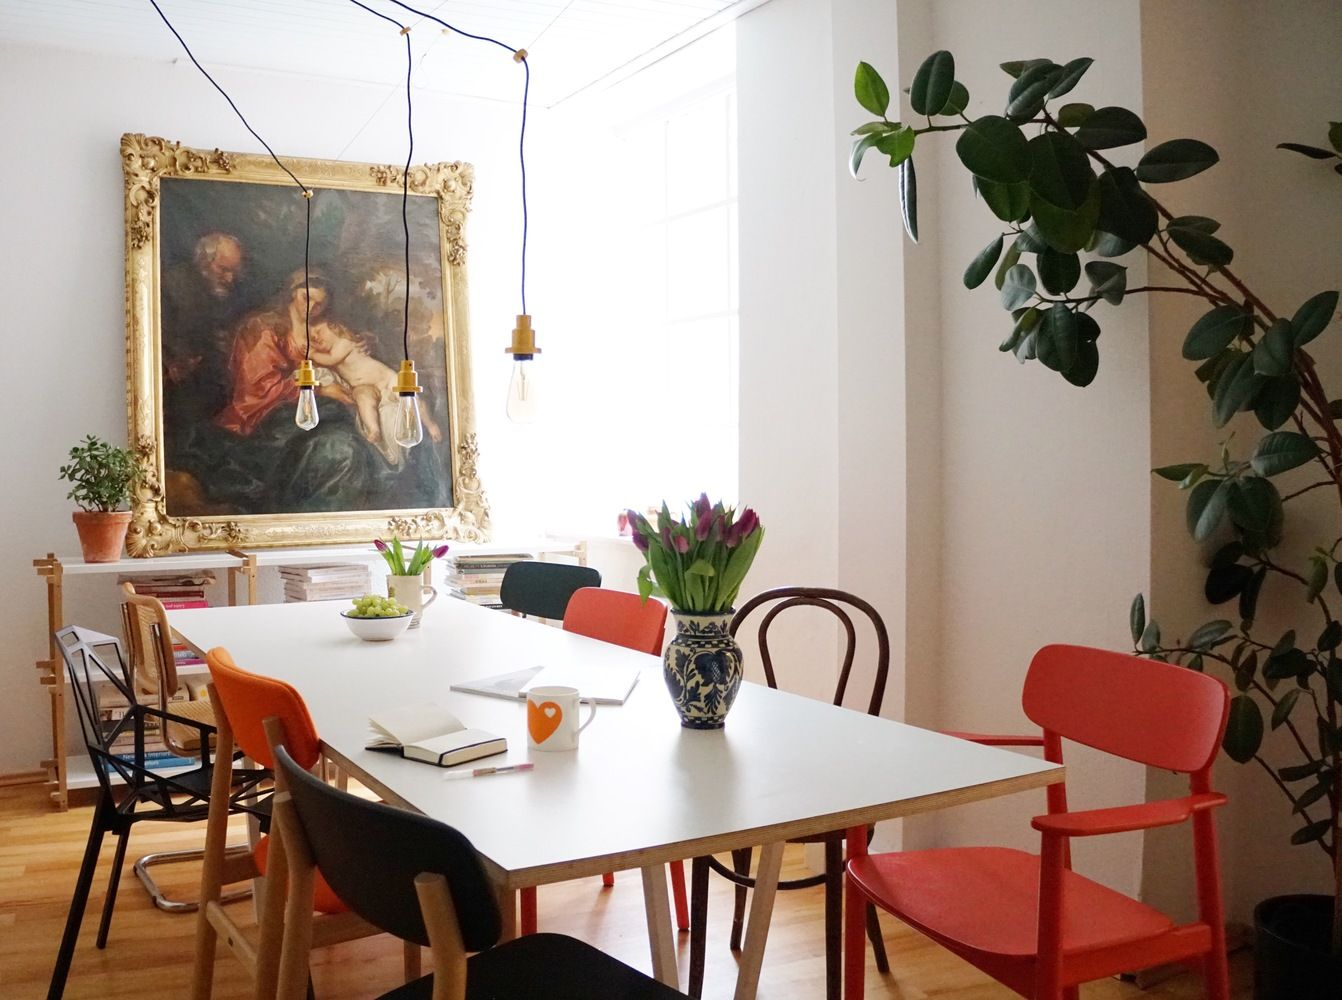 erleuchtung im solebich b ro osram vintage leuchten zu gewinnen. Black Bedroom Furniture Sets. Home Design Ideas